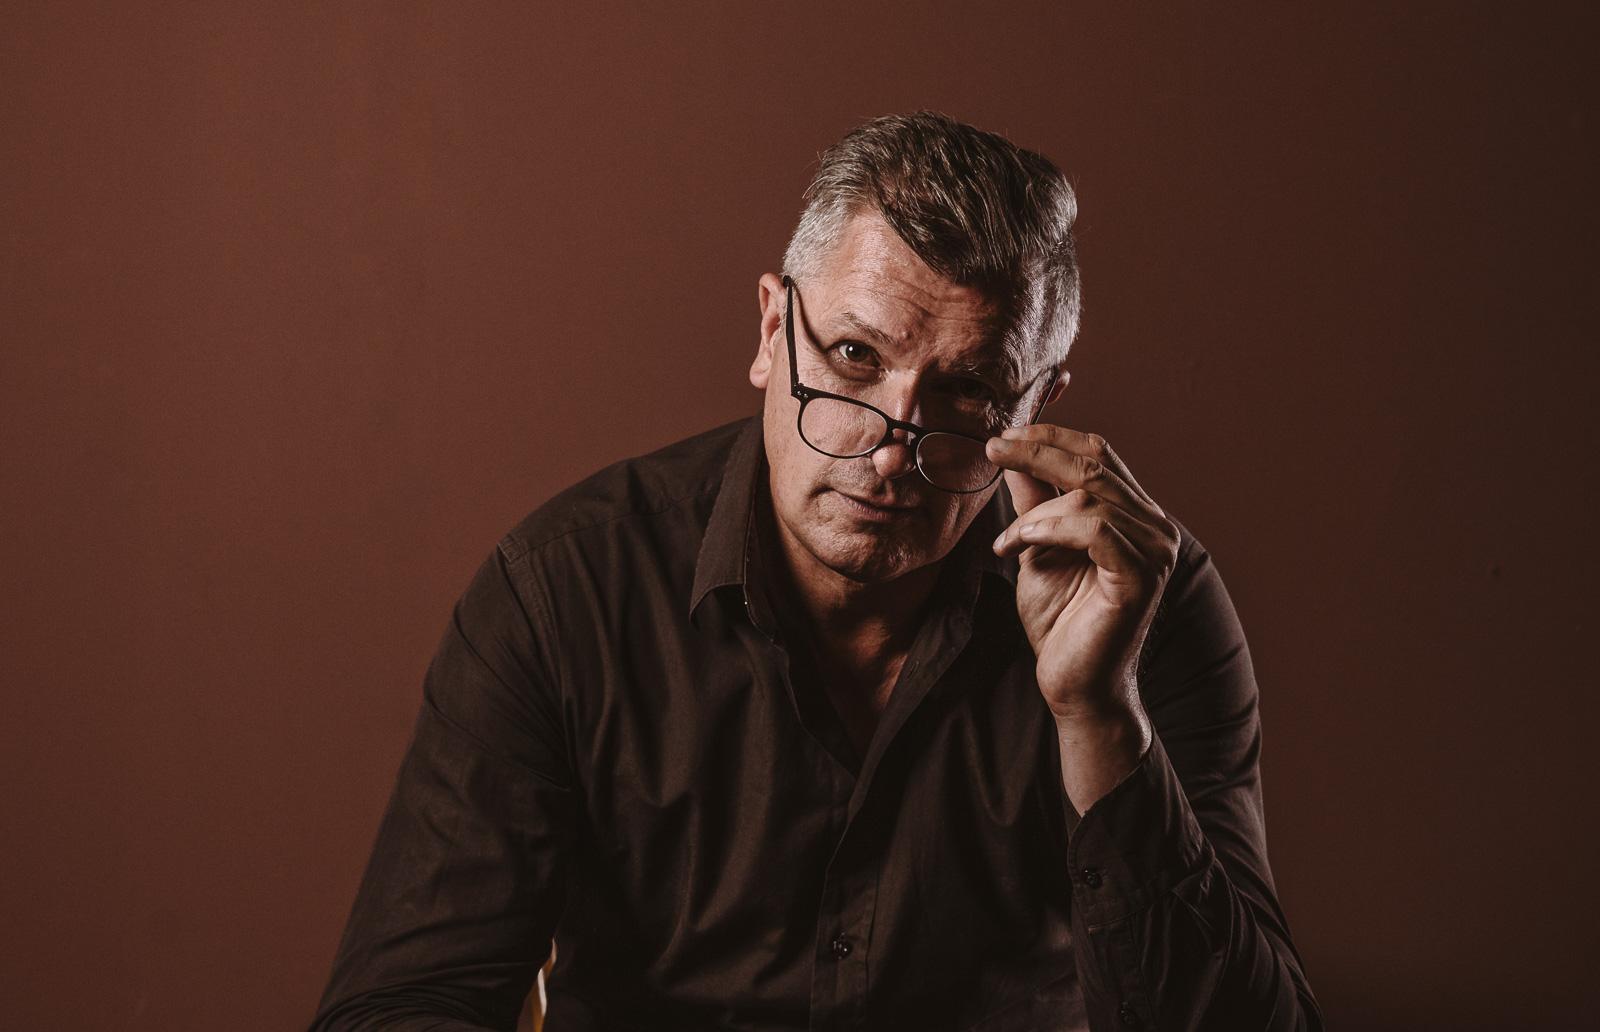 Porträtshooting - Gilbert Köhne vom Konzeptstore Herzblut nimmt seine Brille ab